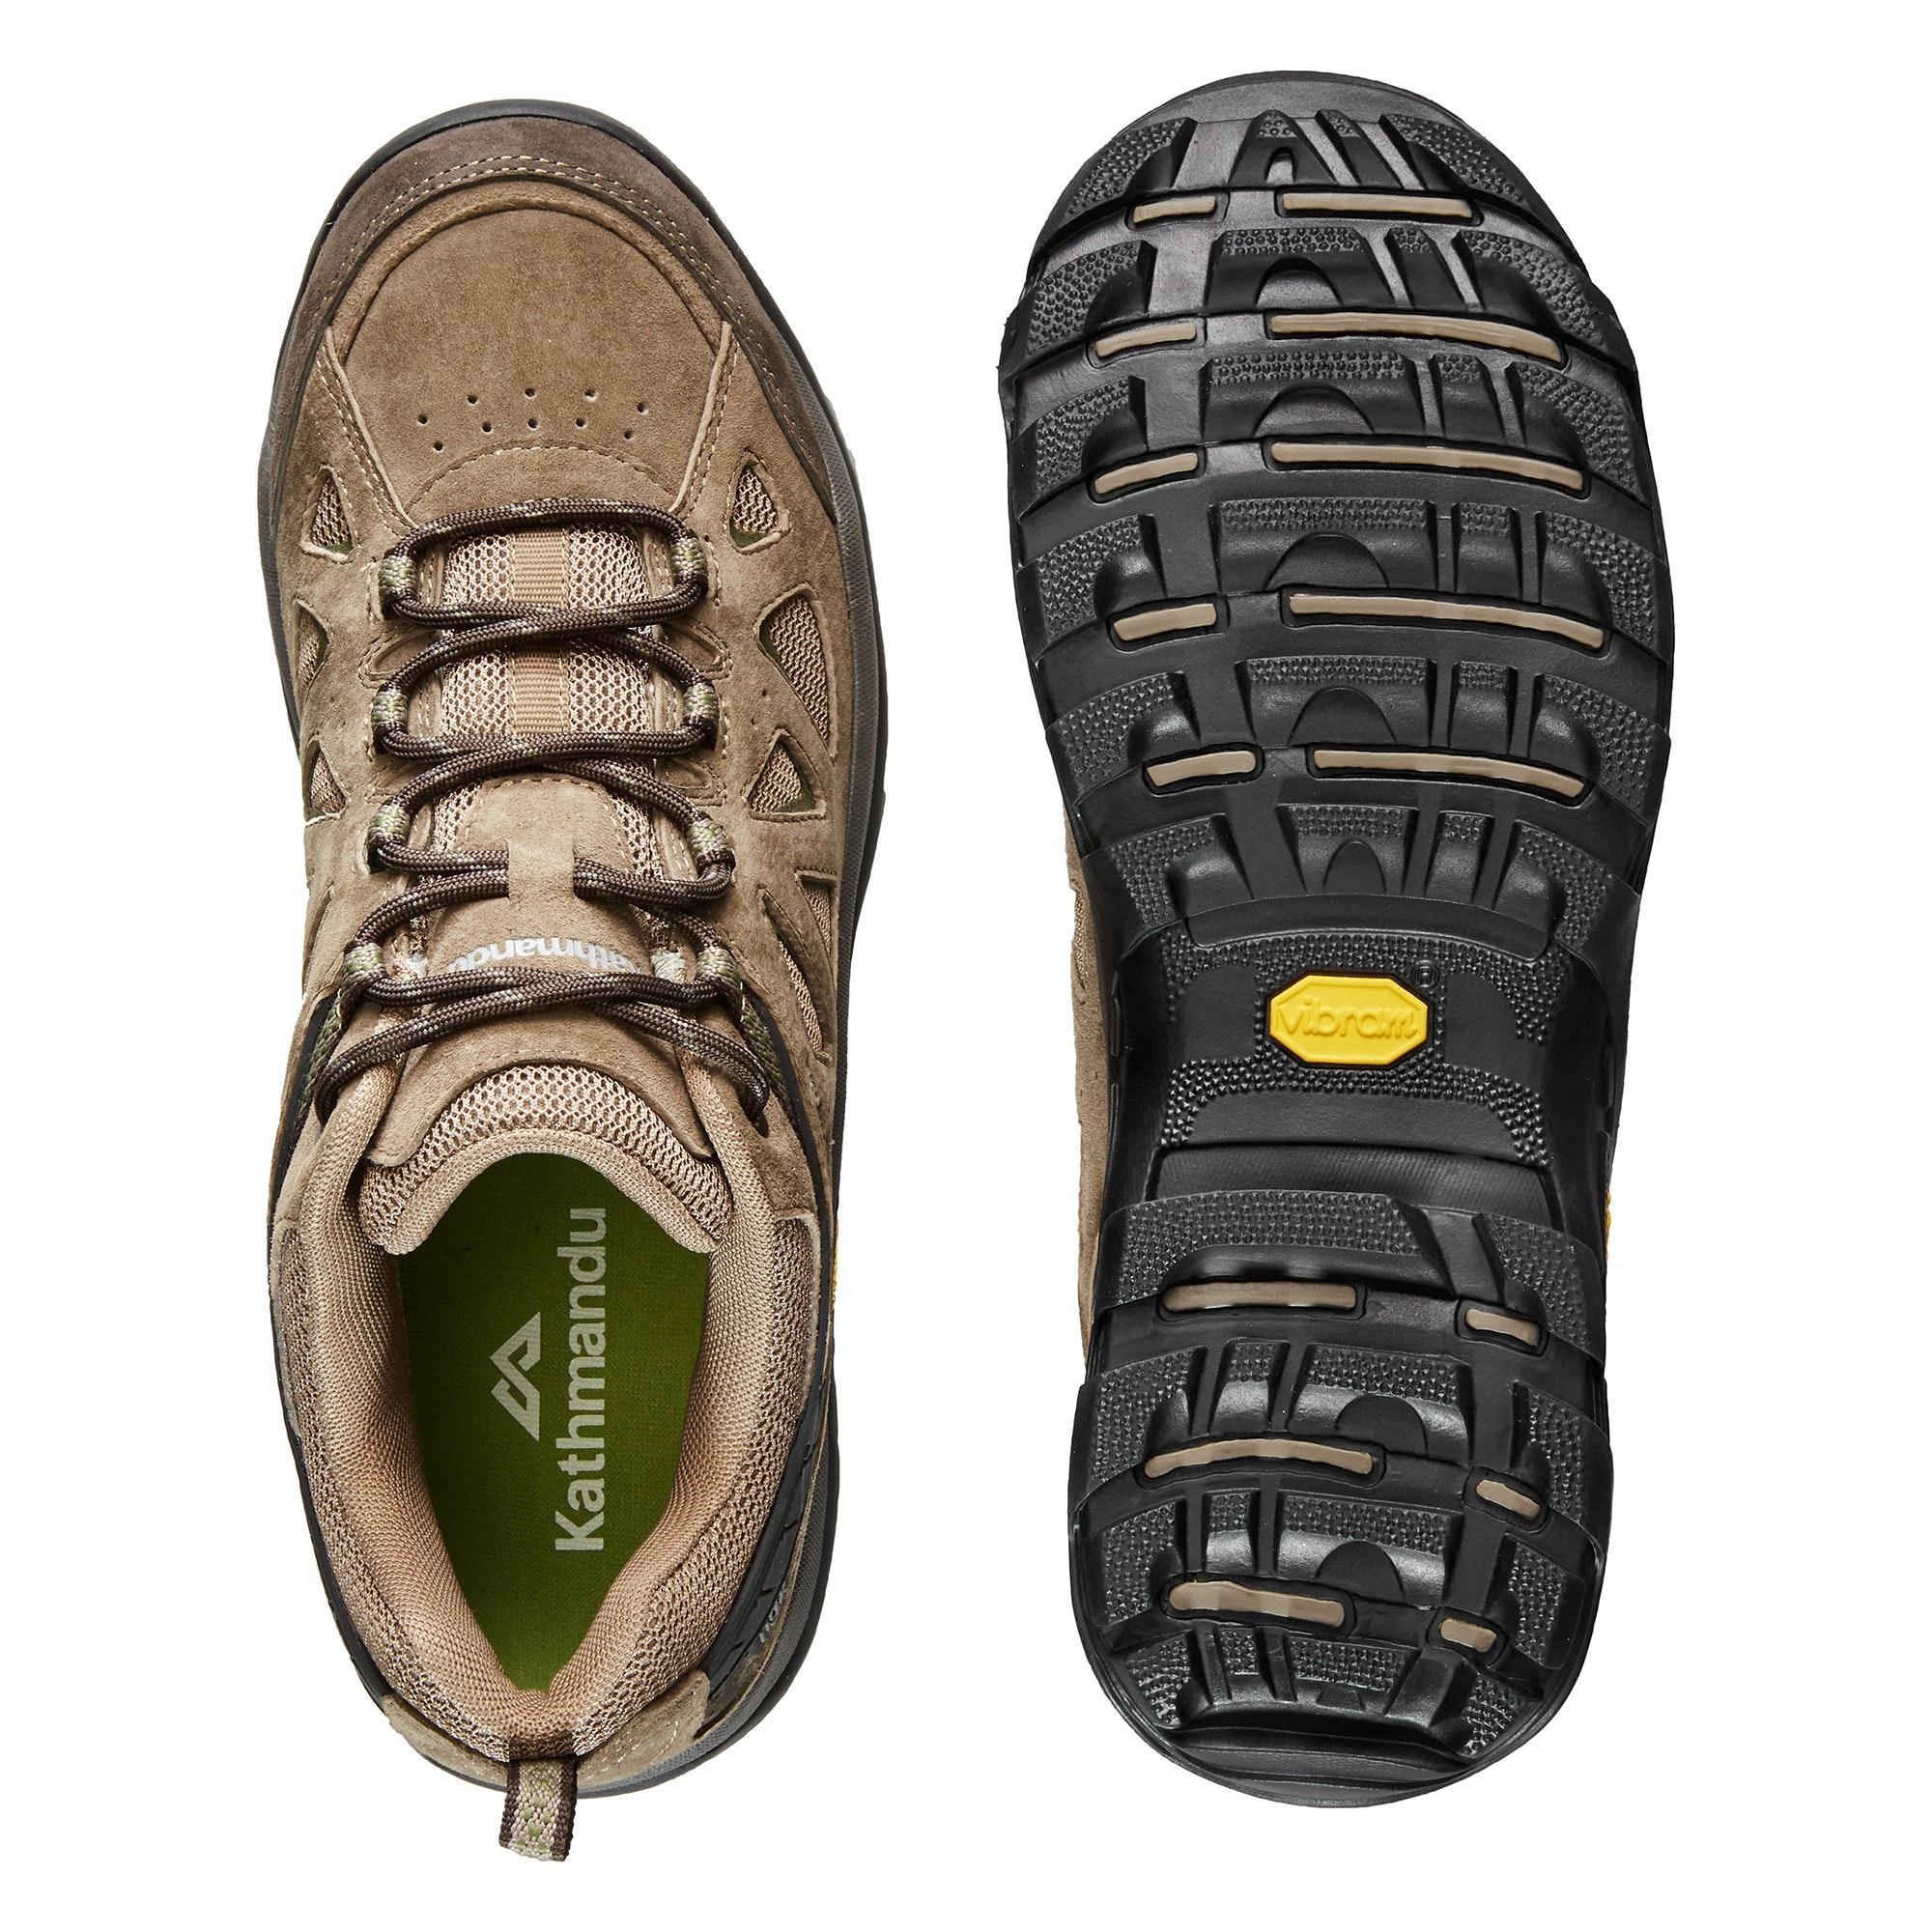 NEW-Kathmandu-Sandover-Men-ngx-Hiking-Shoes-Waterproof-Breathable-Liner-Vibram thumbnail 11